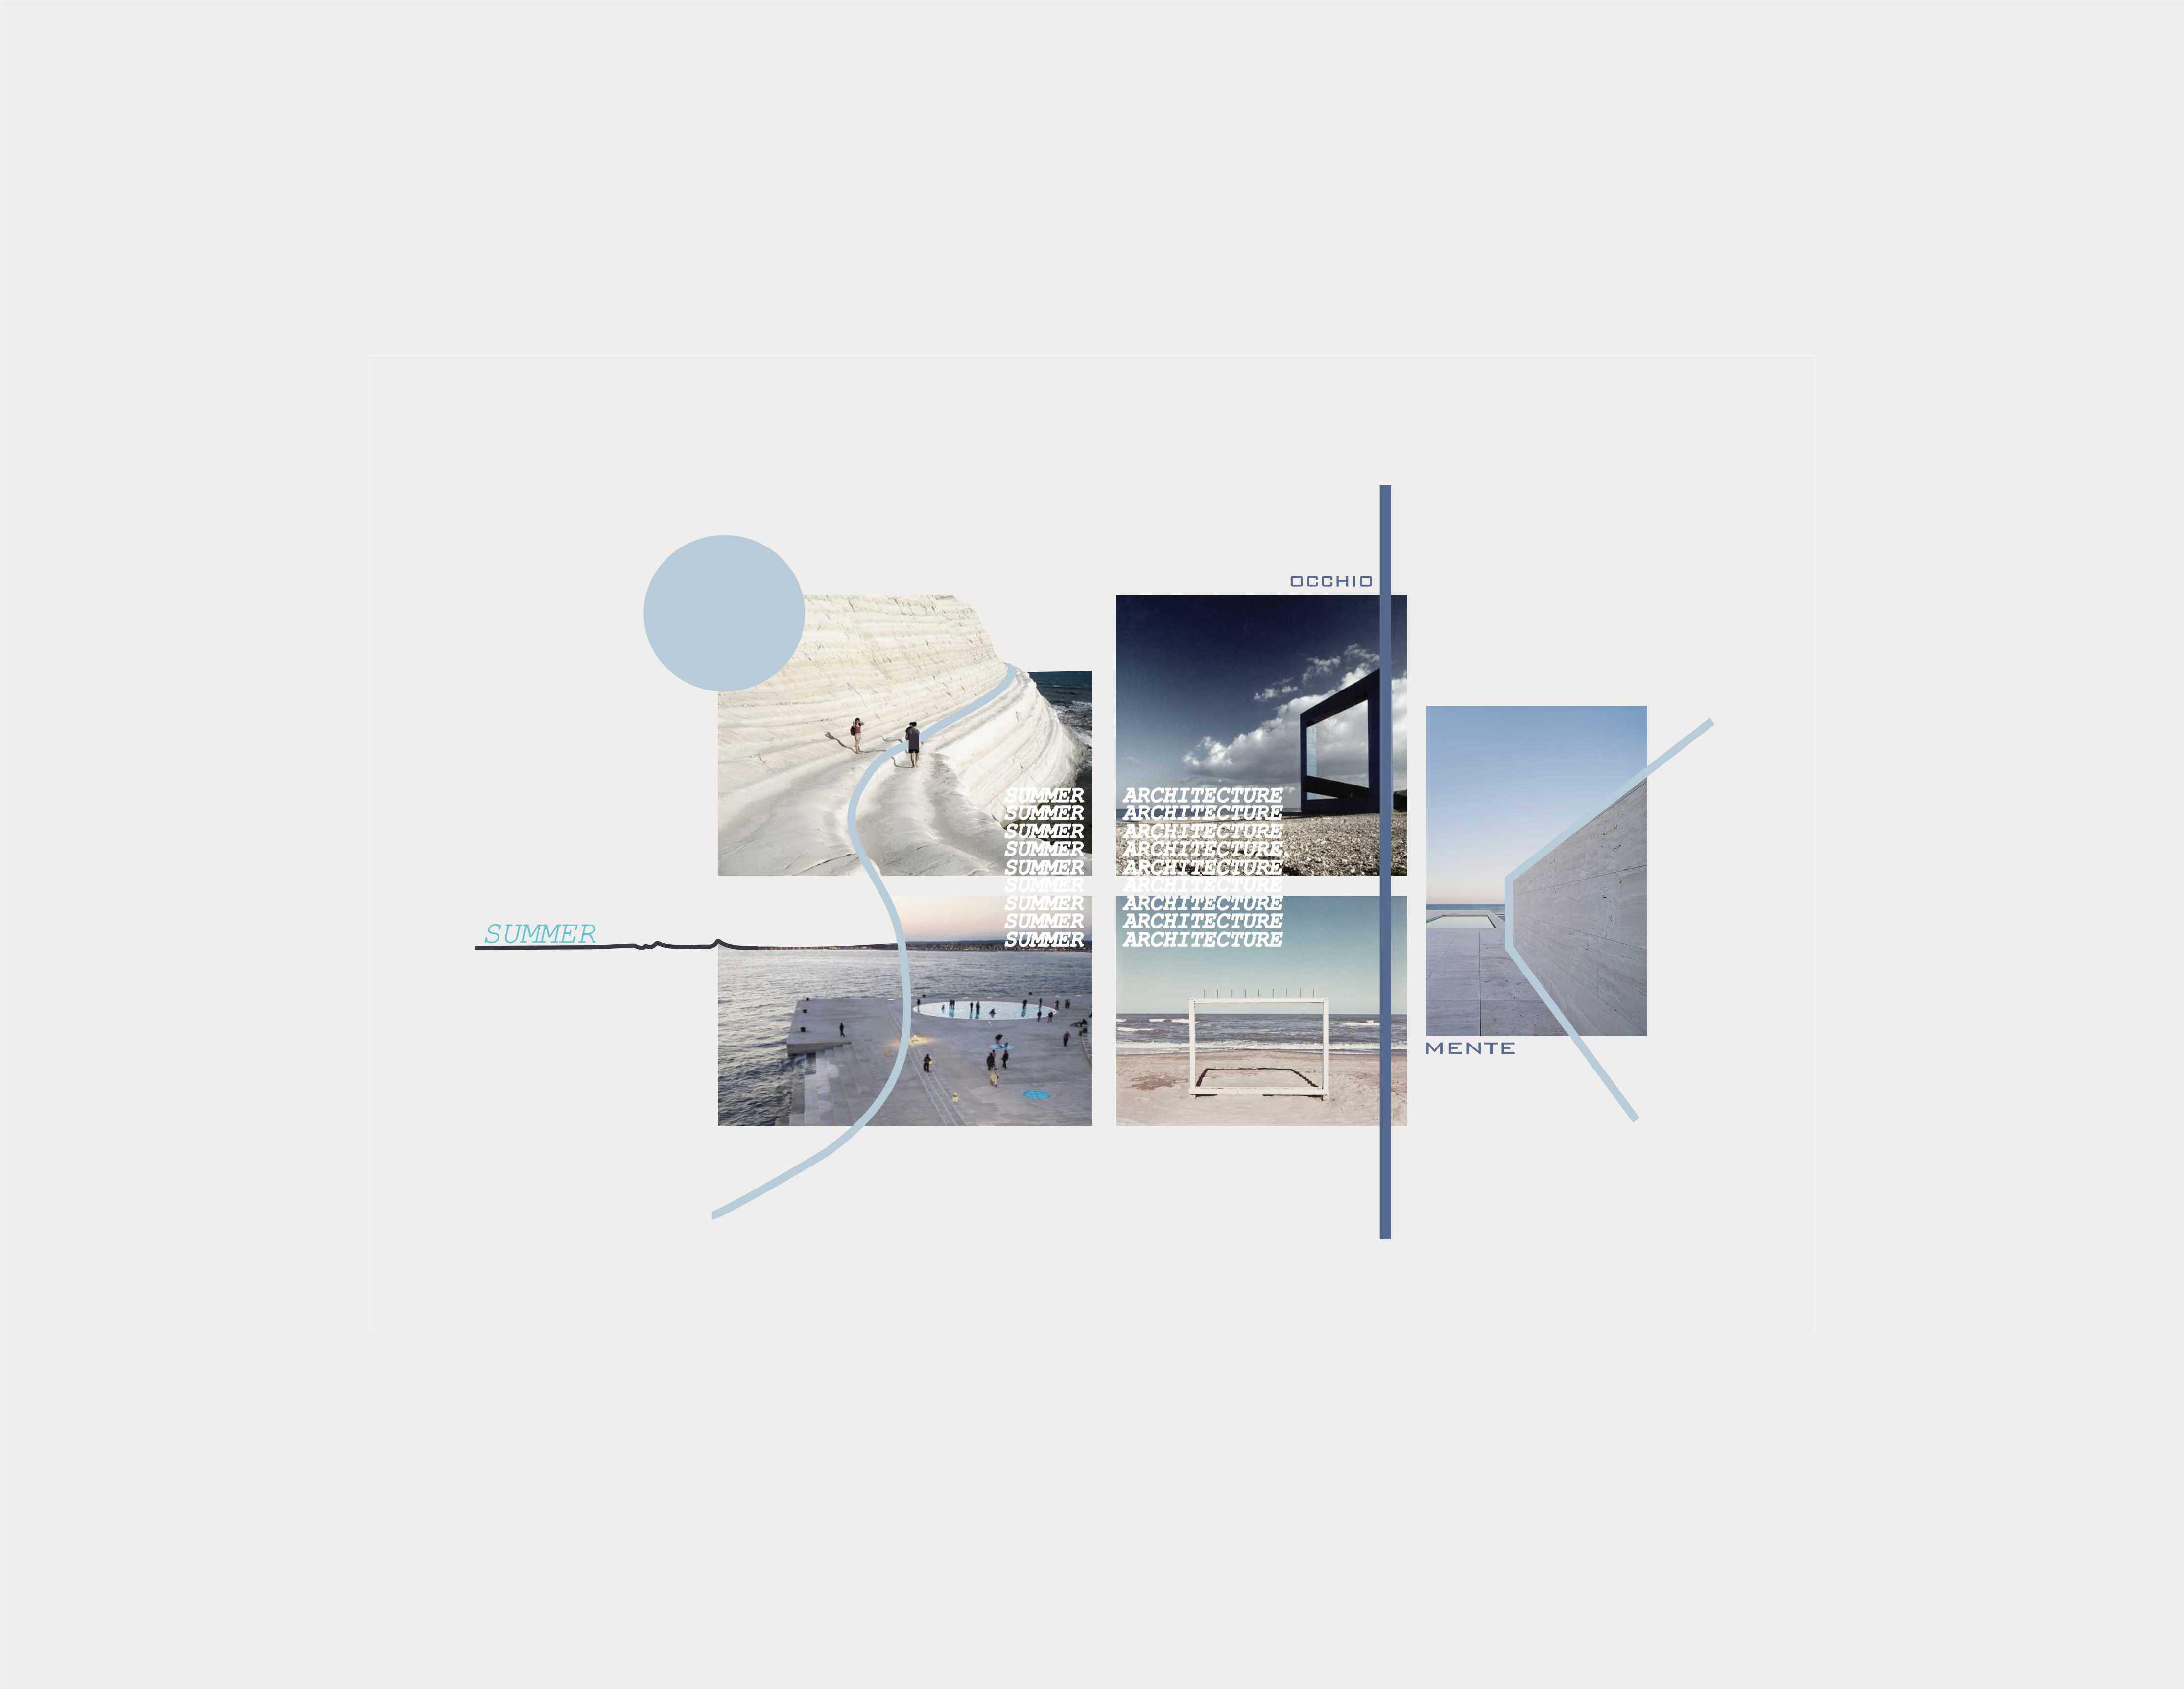 Summer Architecture: l'estate attraverso le immagini dell'infinito 9